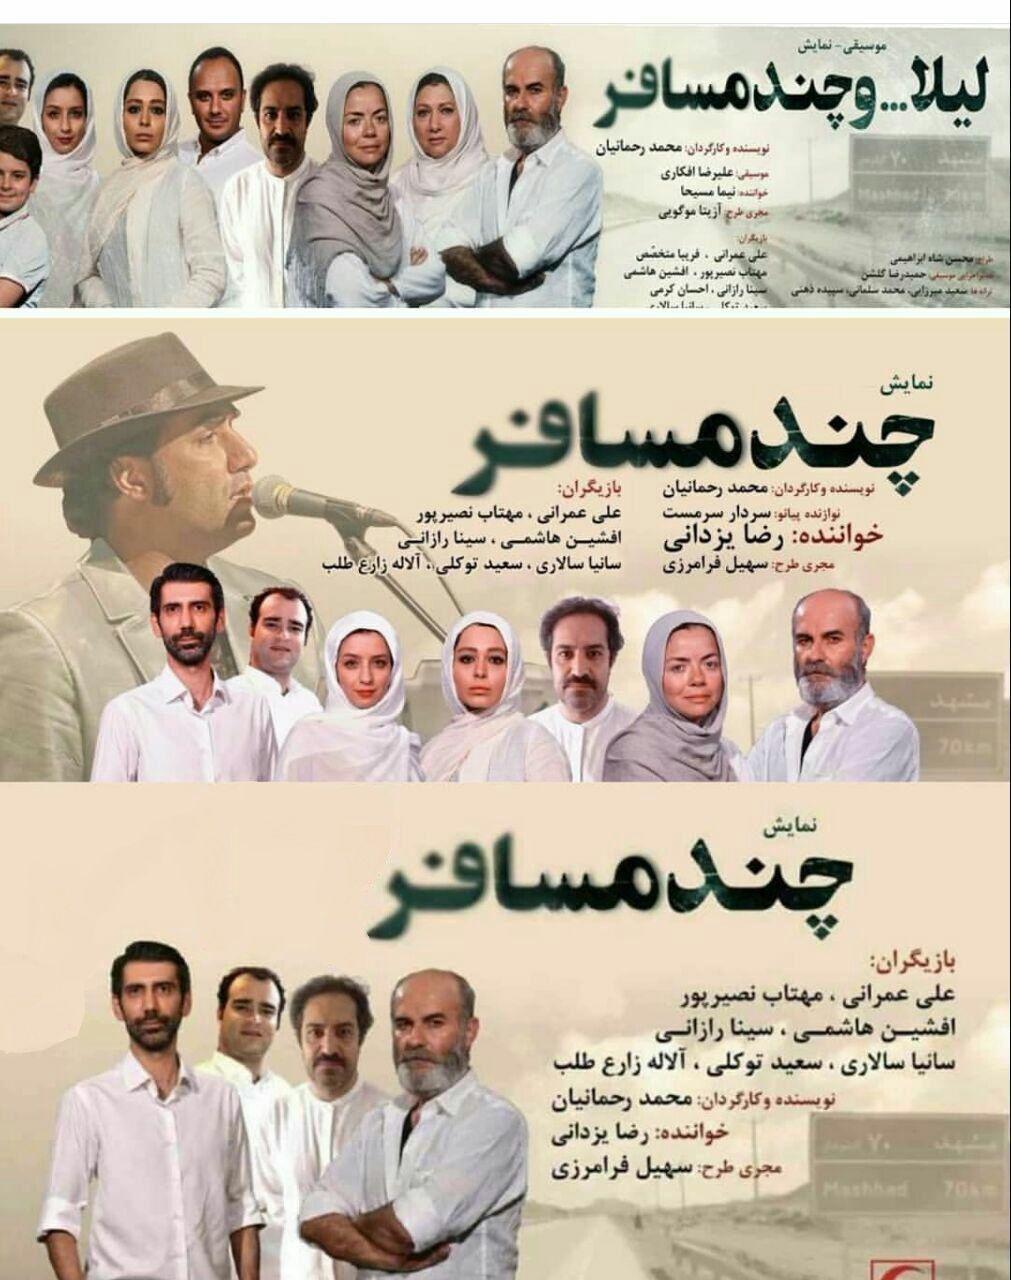 سانسور عجیب پوستر یک نمایش برای اجرا در مشهد (+عکس)